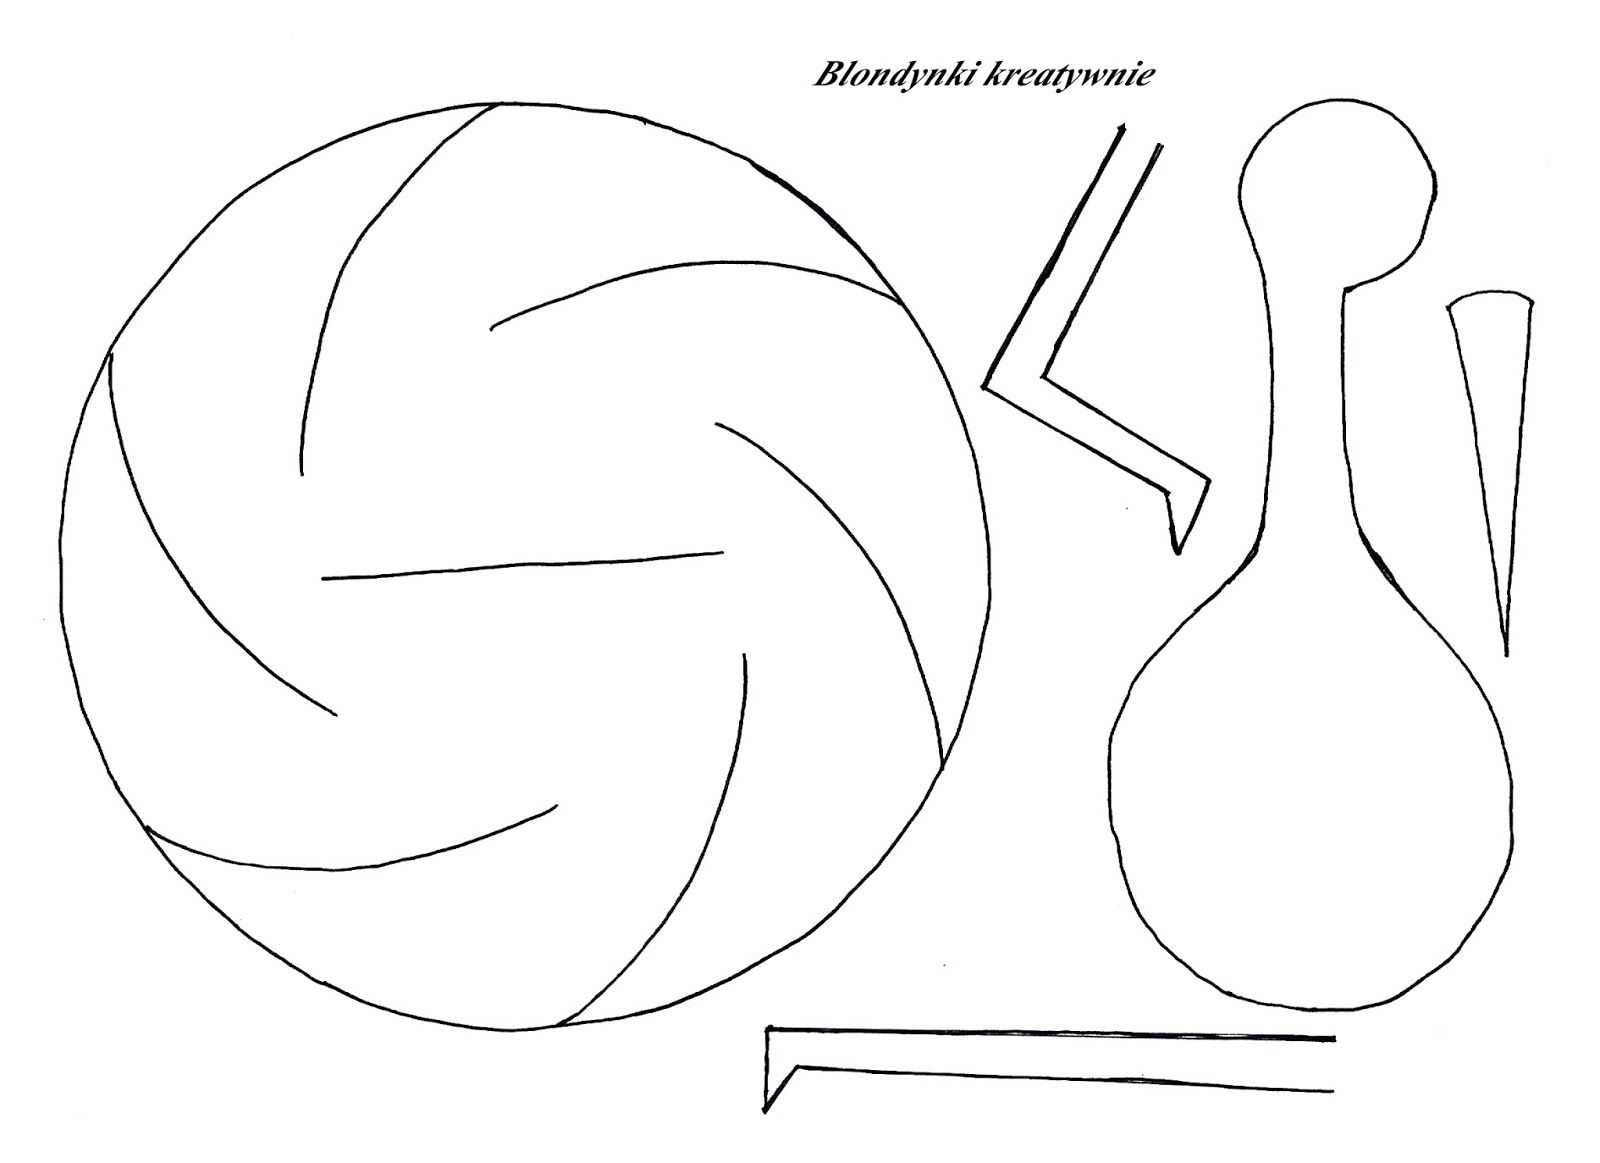 Wirujacy Bocian Szablon Do Pobrania Blondynki Kreatywnie Bird Crafts Arts And Crafts For Kids Paper Crafts